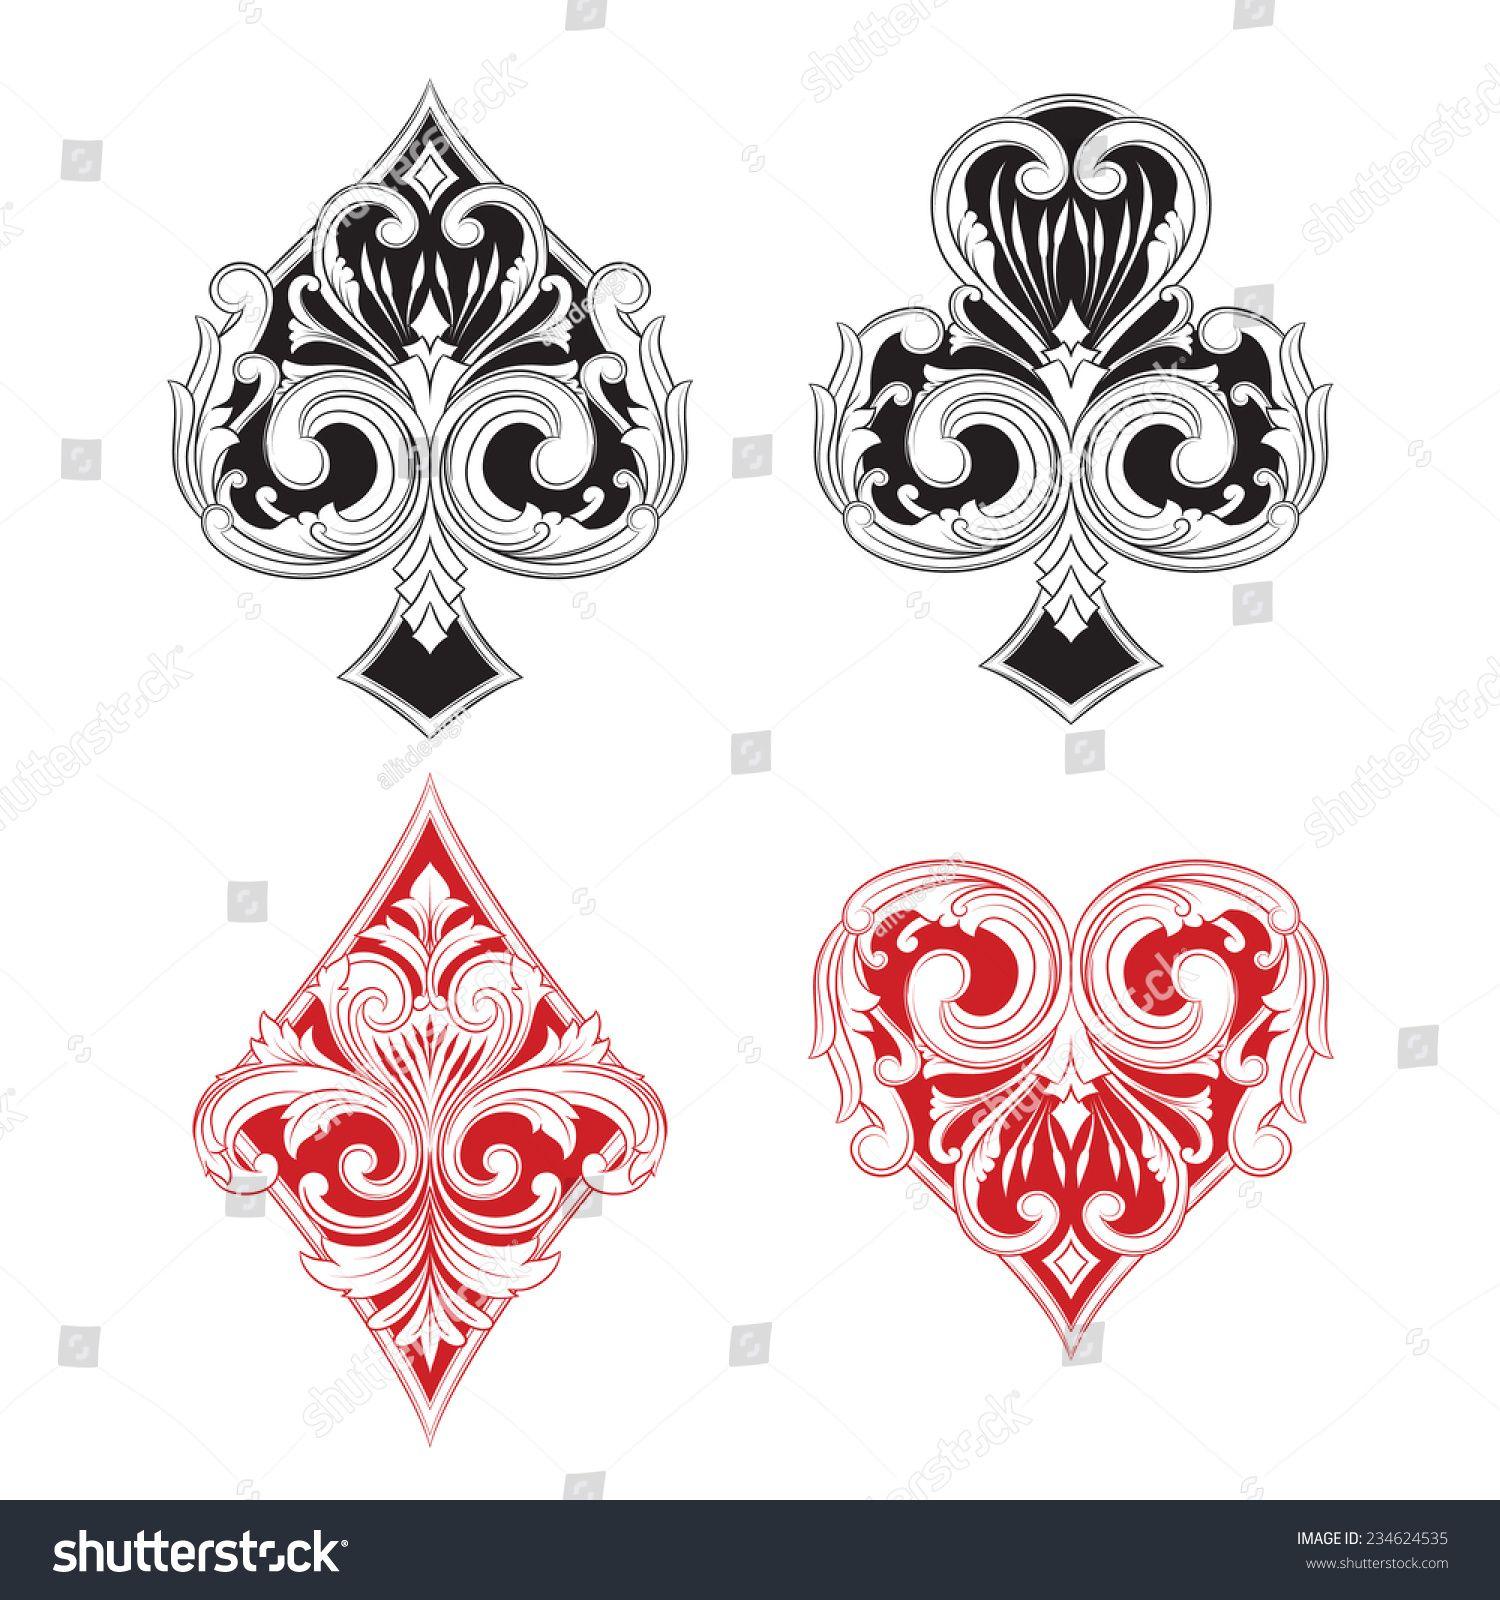 Black and red playing card vintage naipes baralho naipes